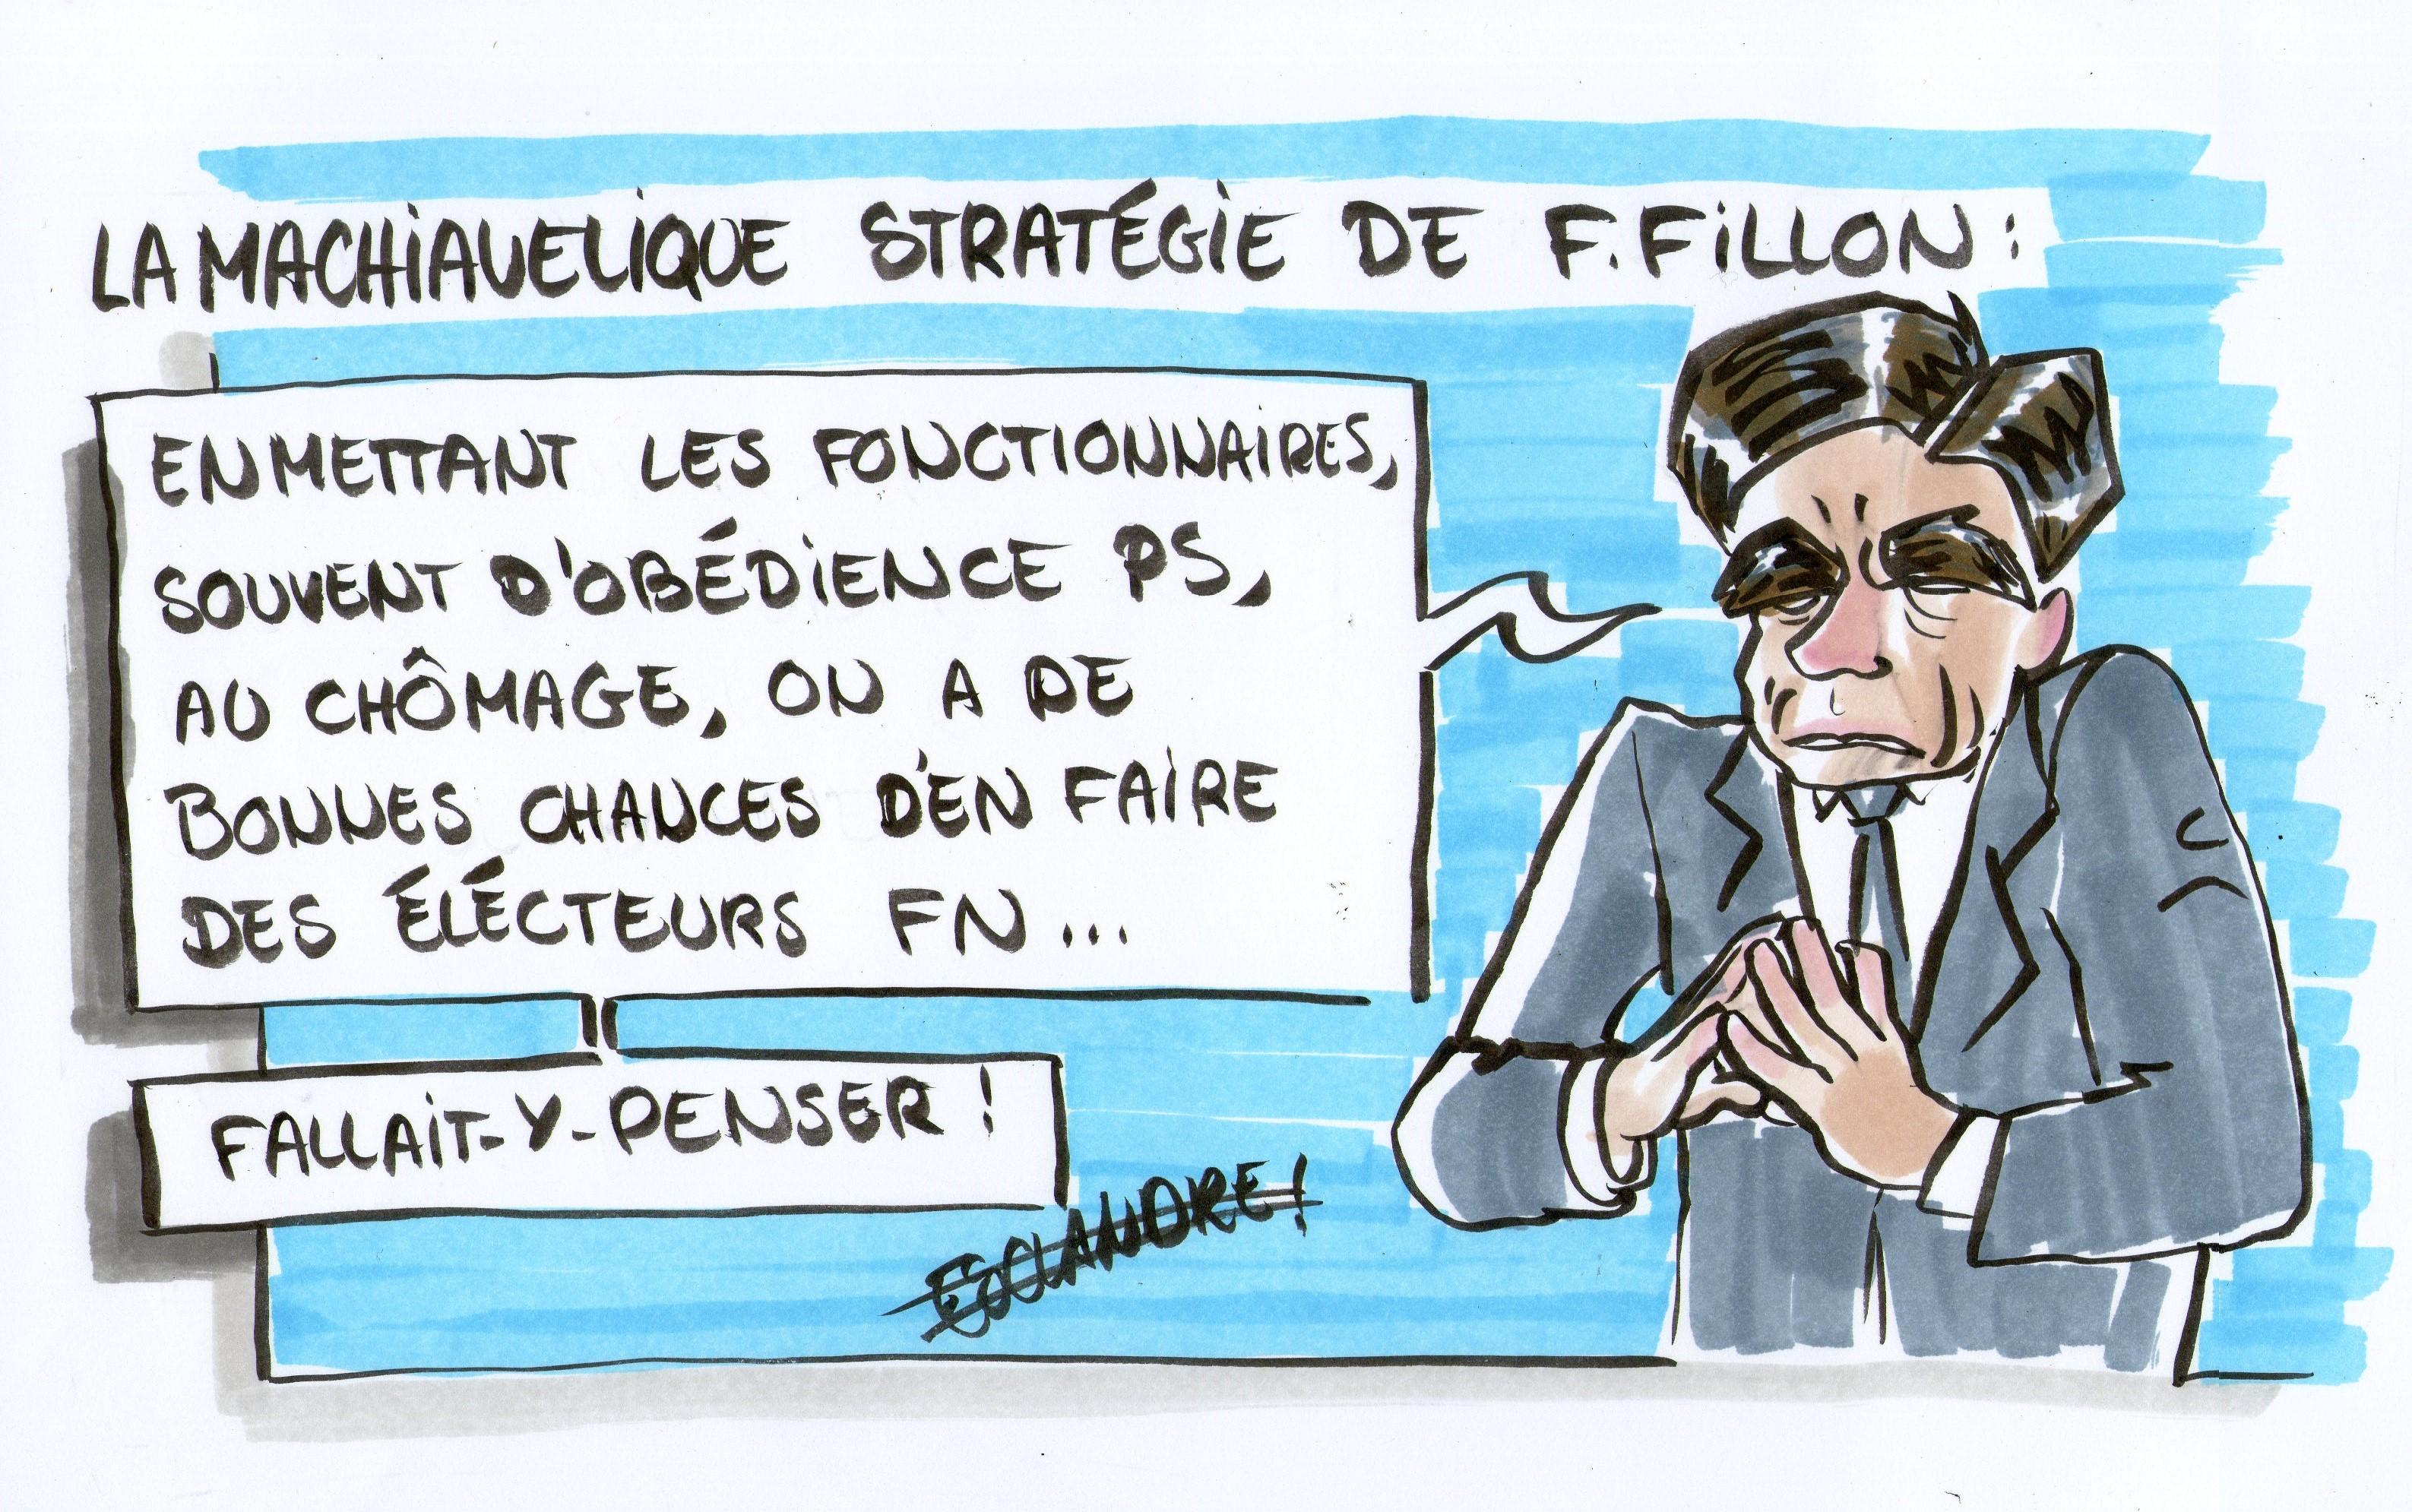 La machiavélique stratégie de François Fillon